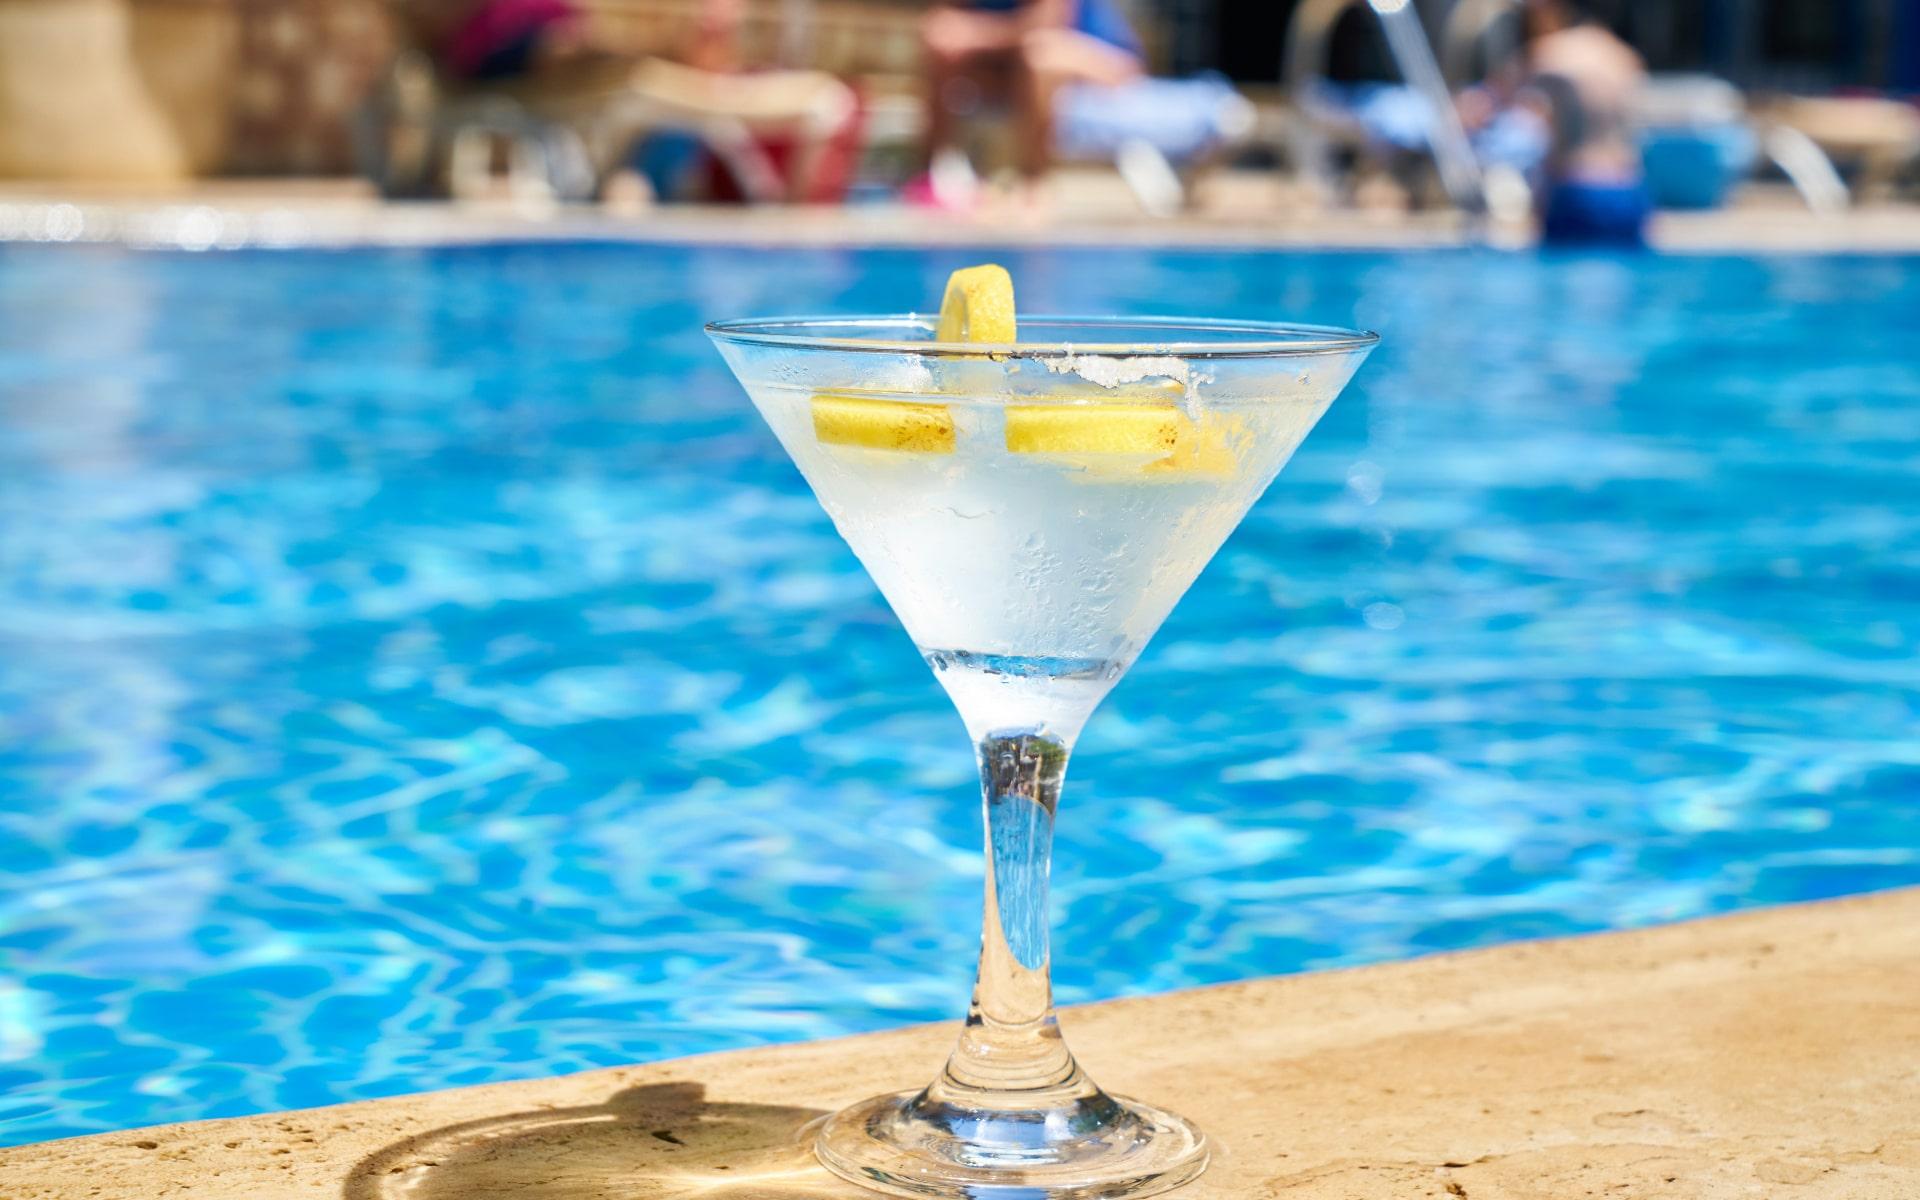 Marbella no autorizará fiestas temáticas ni de fin de temporada en los clubes de playa